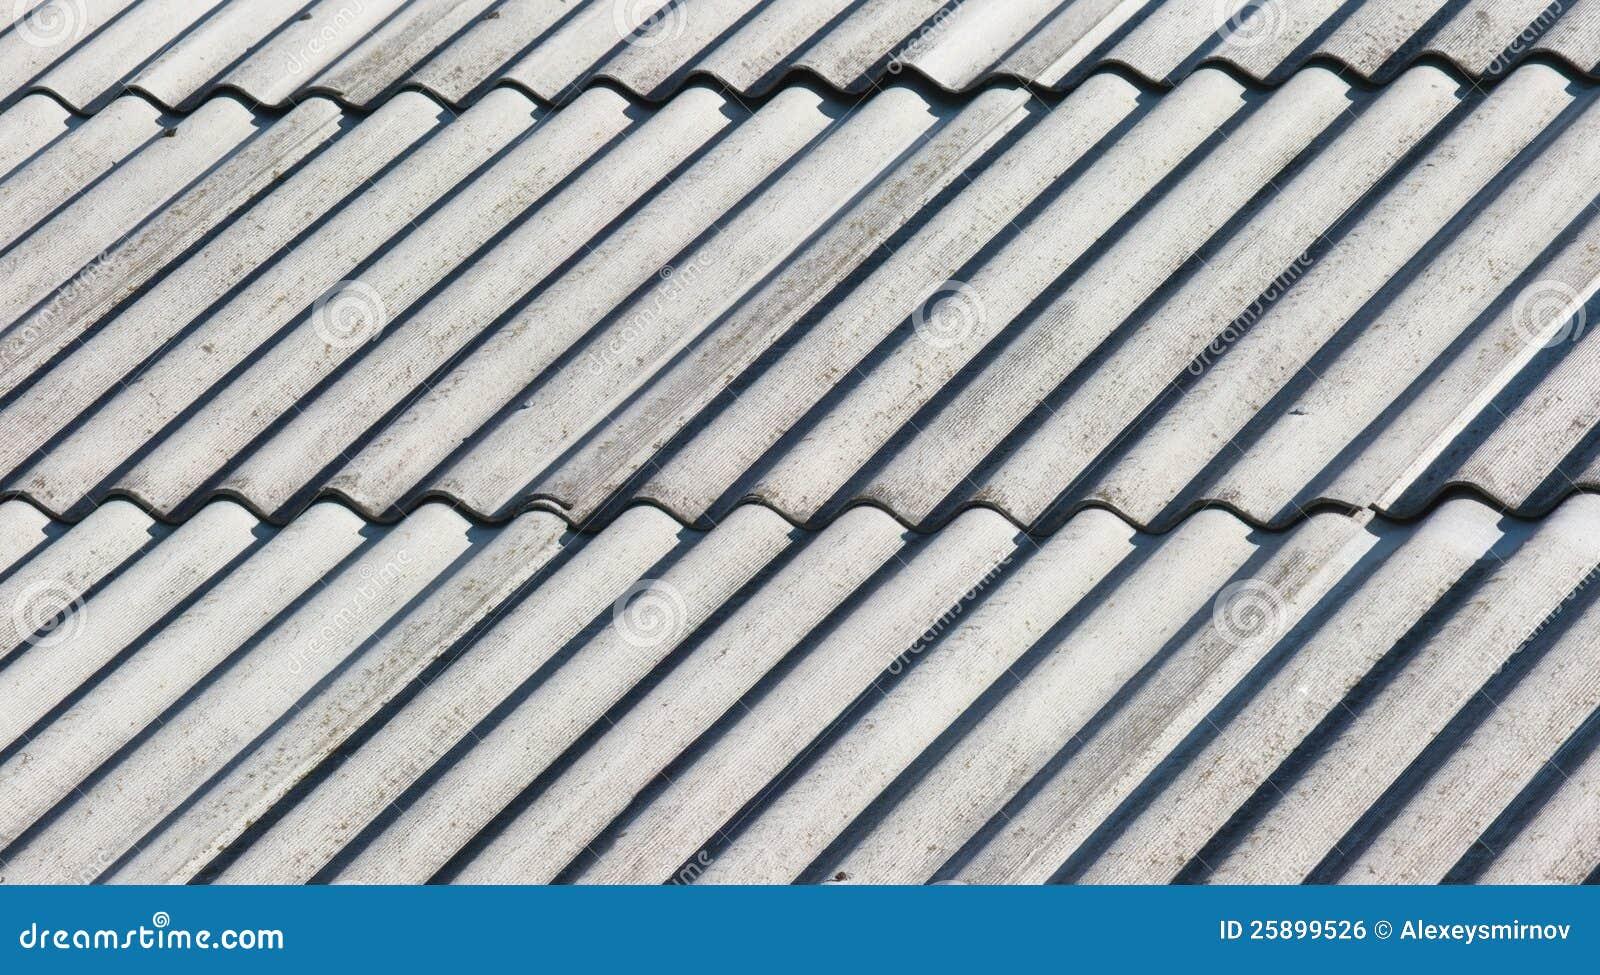 Παλαιά γκρίζα στέγη αμιάντων